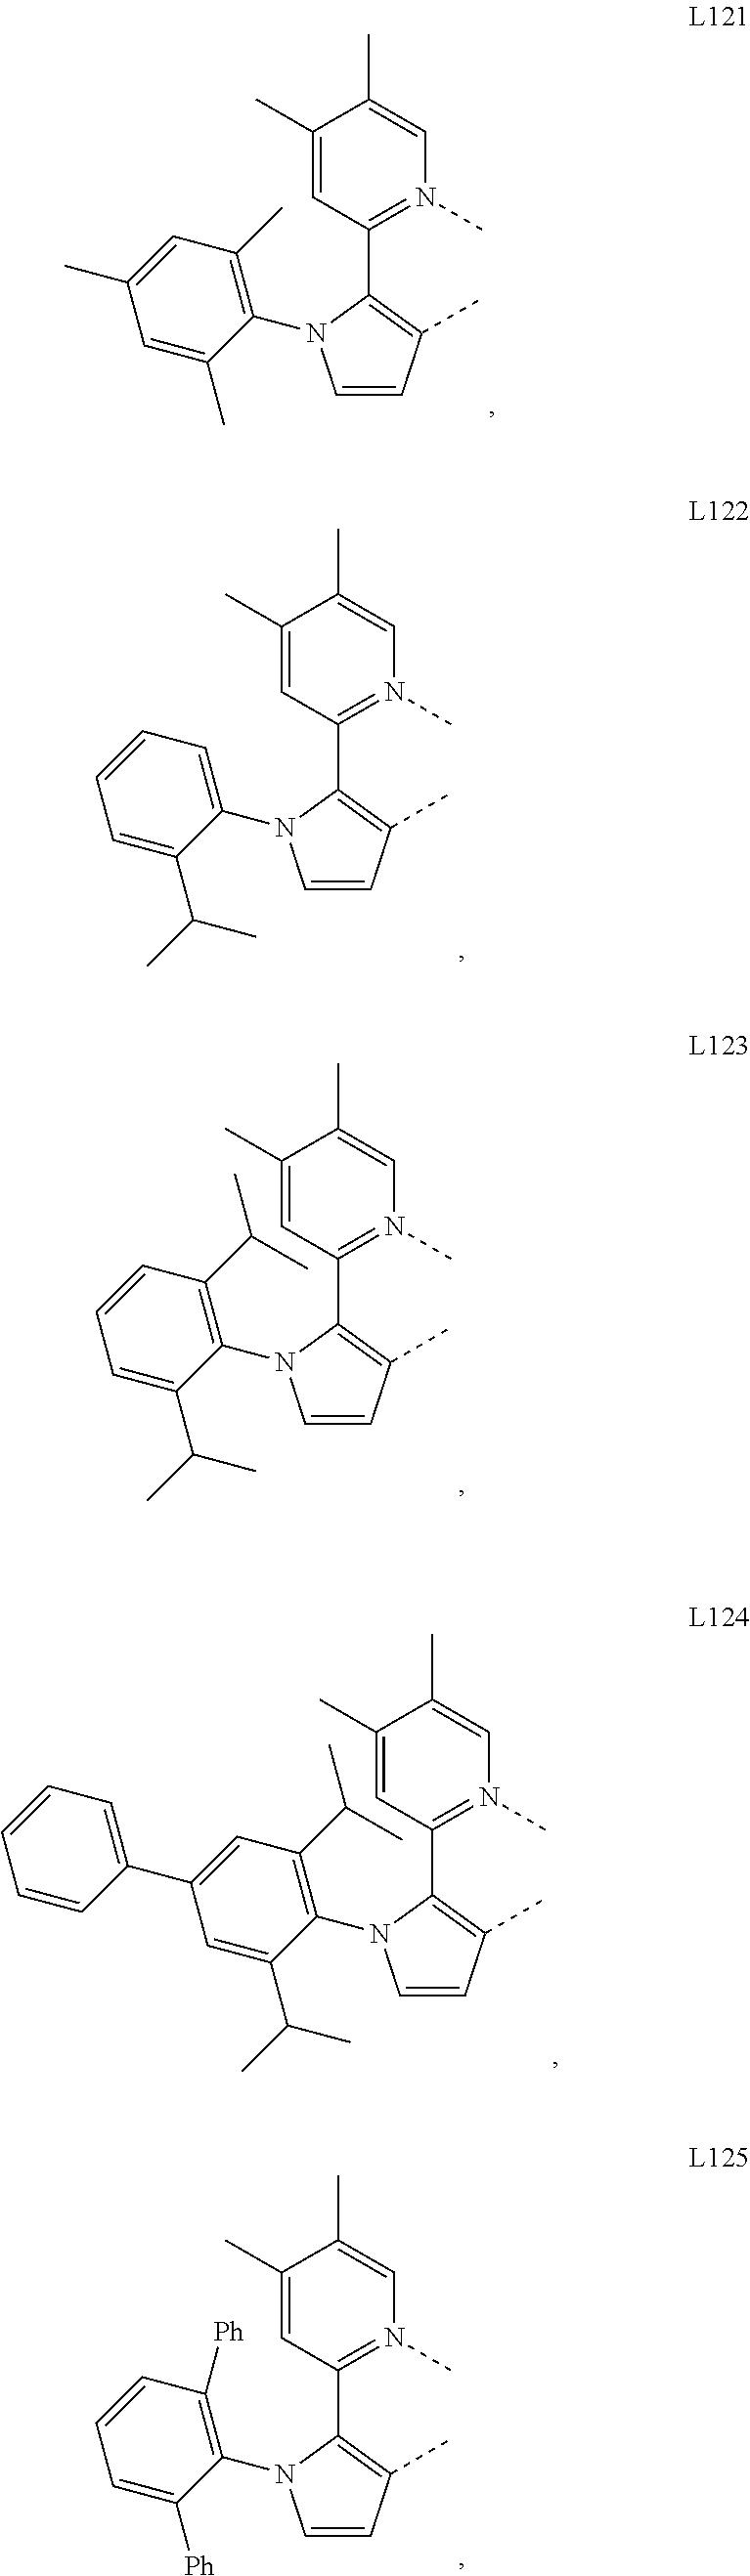 Figure US09935277-20180403-C00029